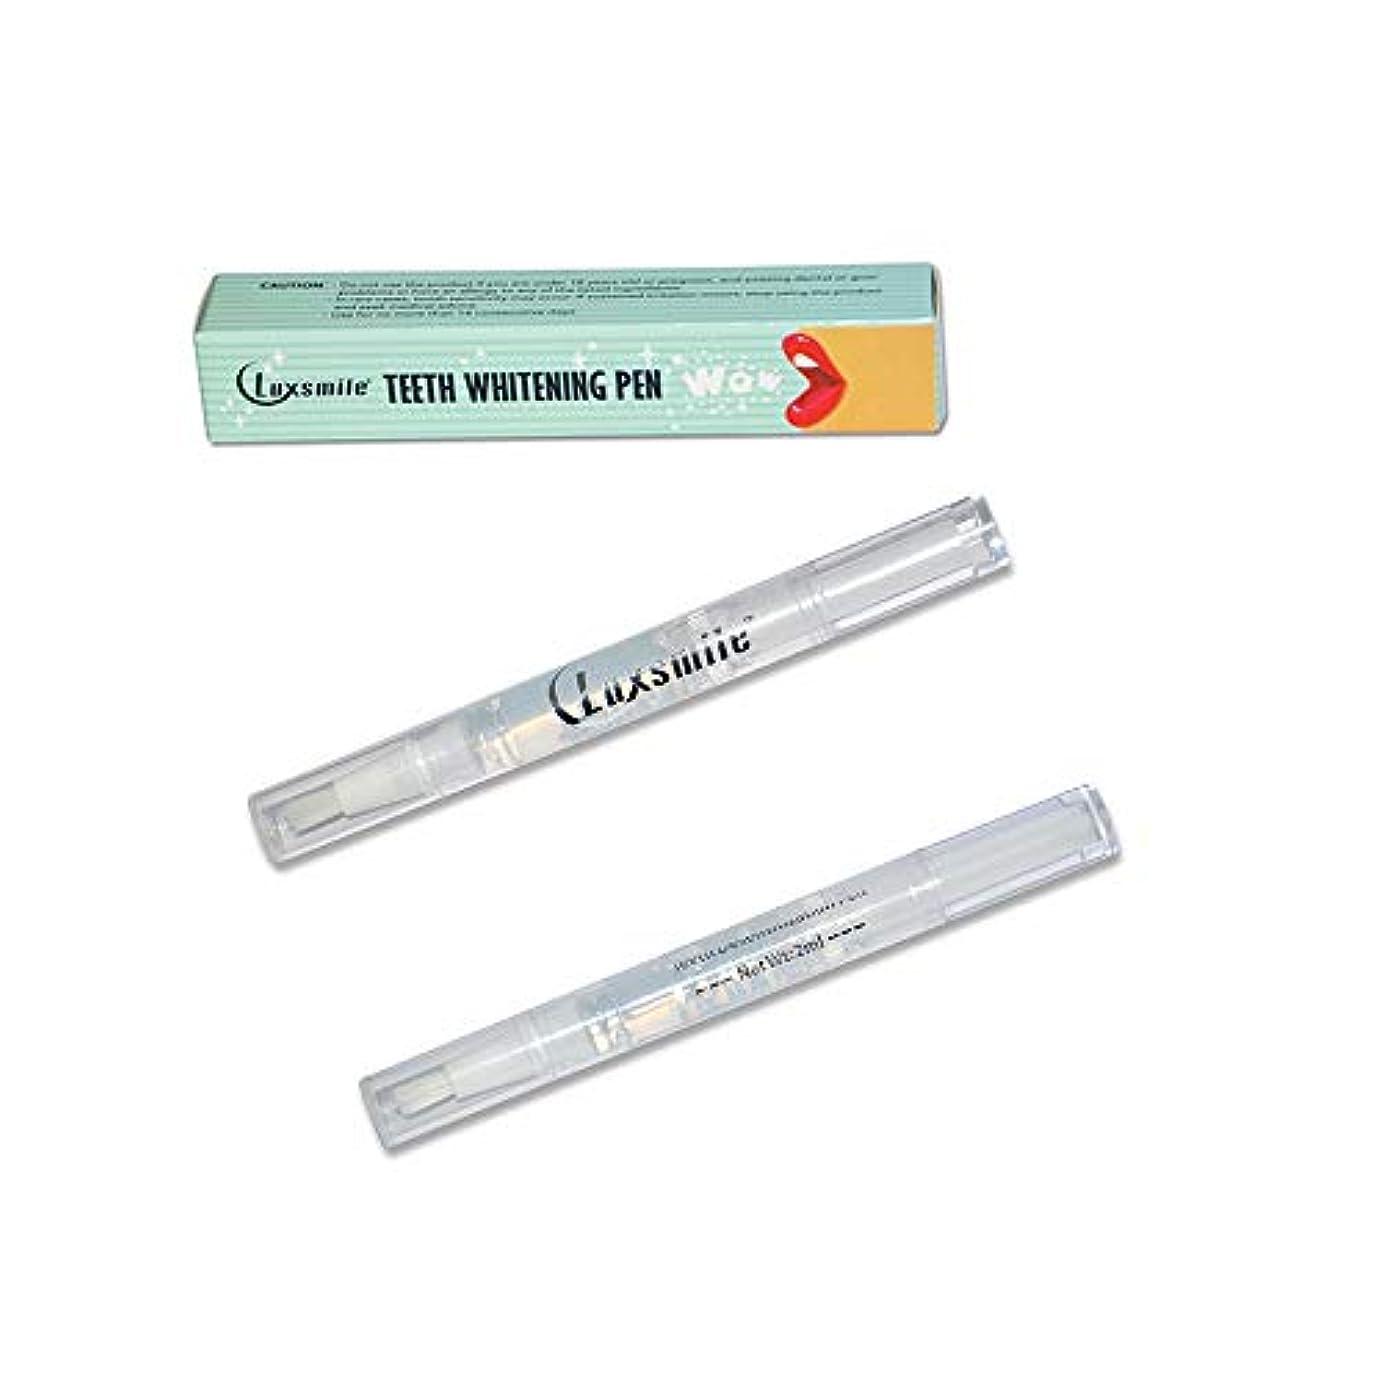 エネルギー硬さインターネットホワイトニングペン 2個セット (18%過酸化尿素配合)